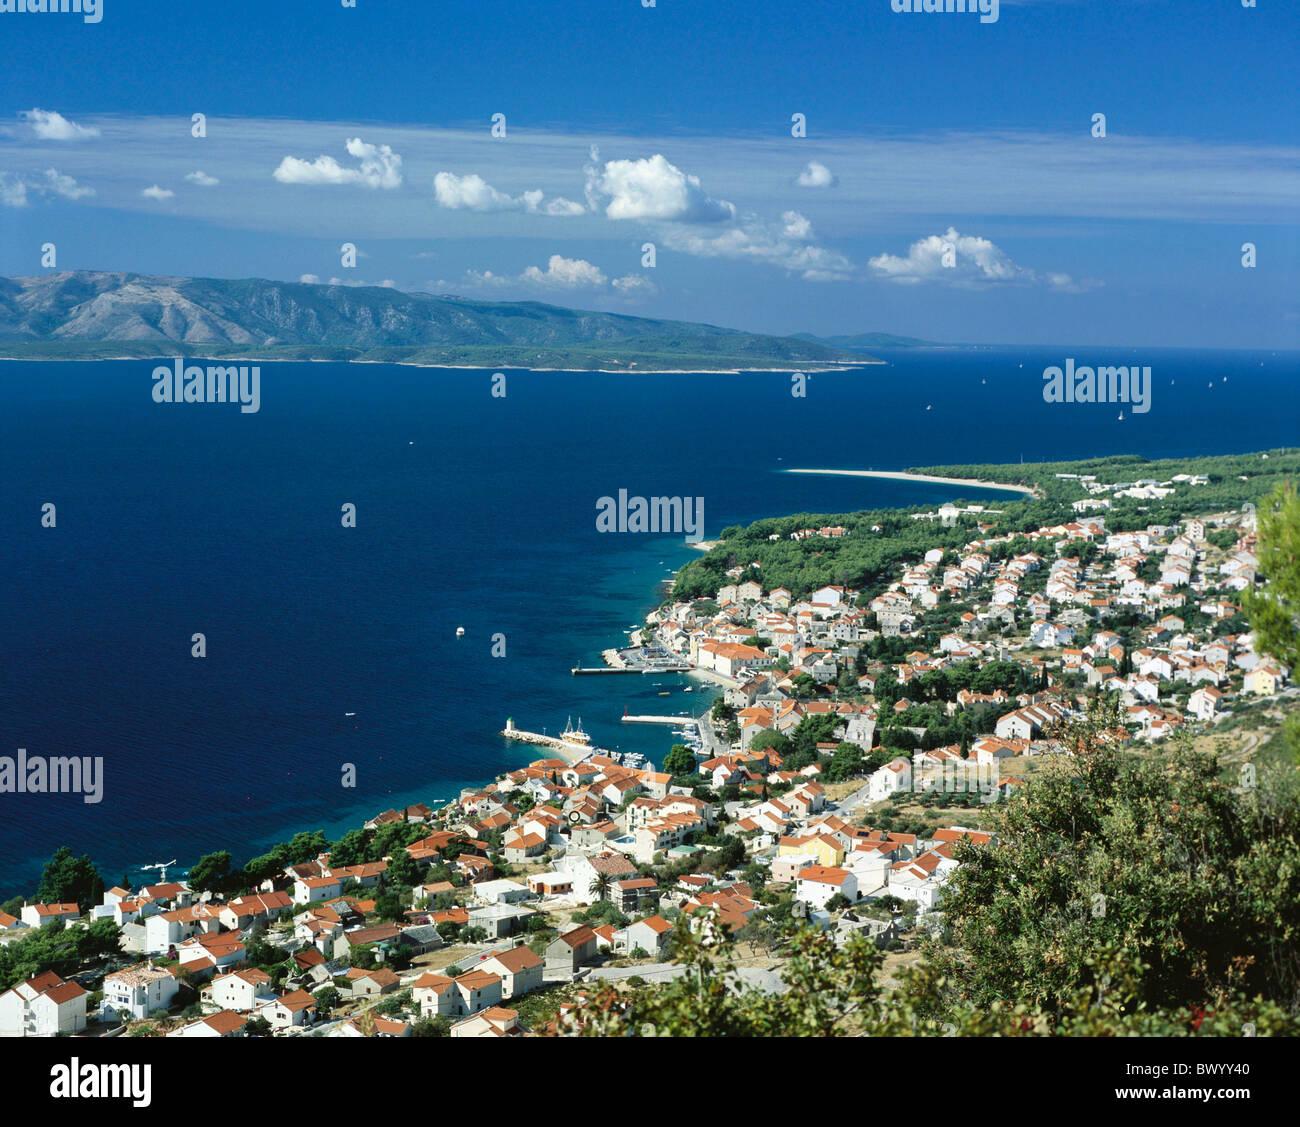 Bol Dalmatie village harbour port island île de Brac Croatie coast paysages mer town city sommaire Photo Stock